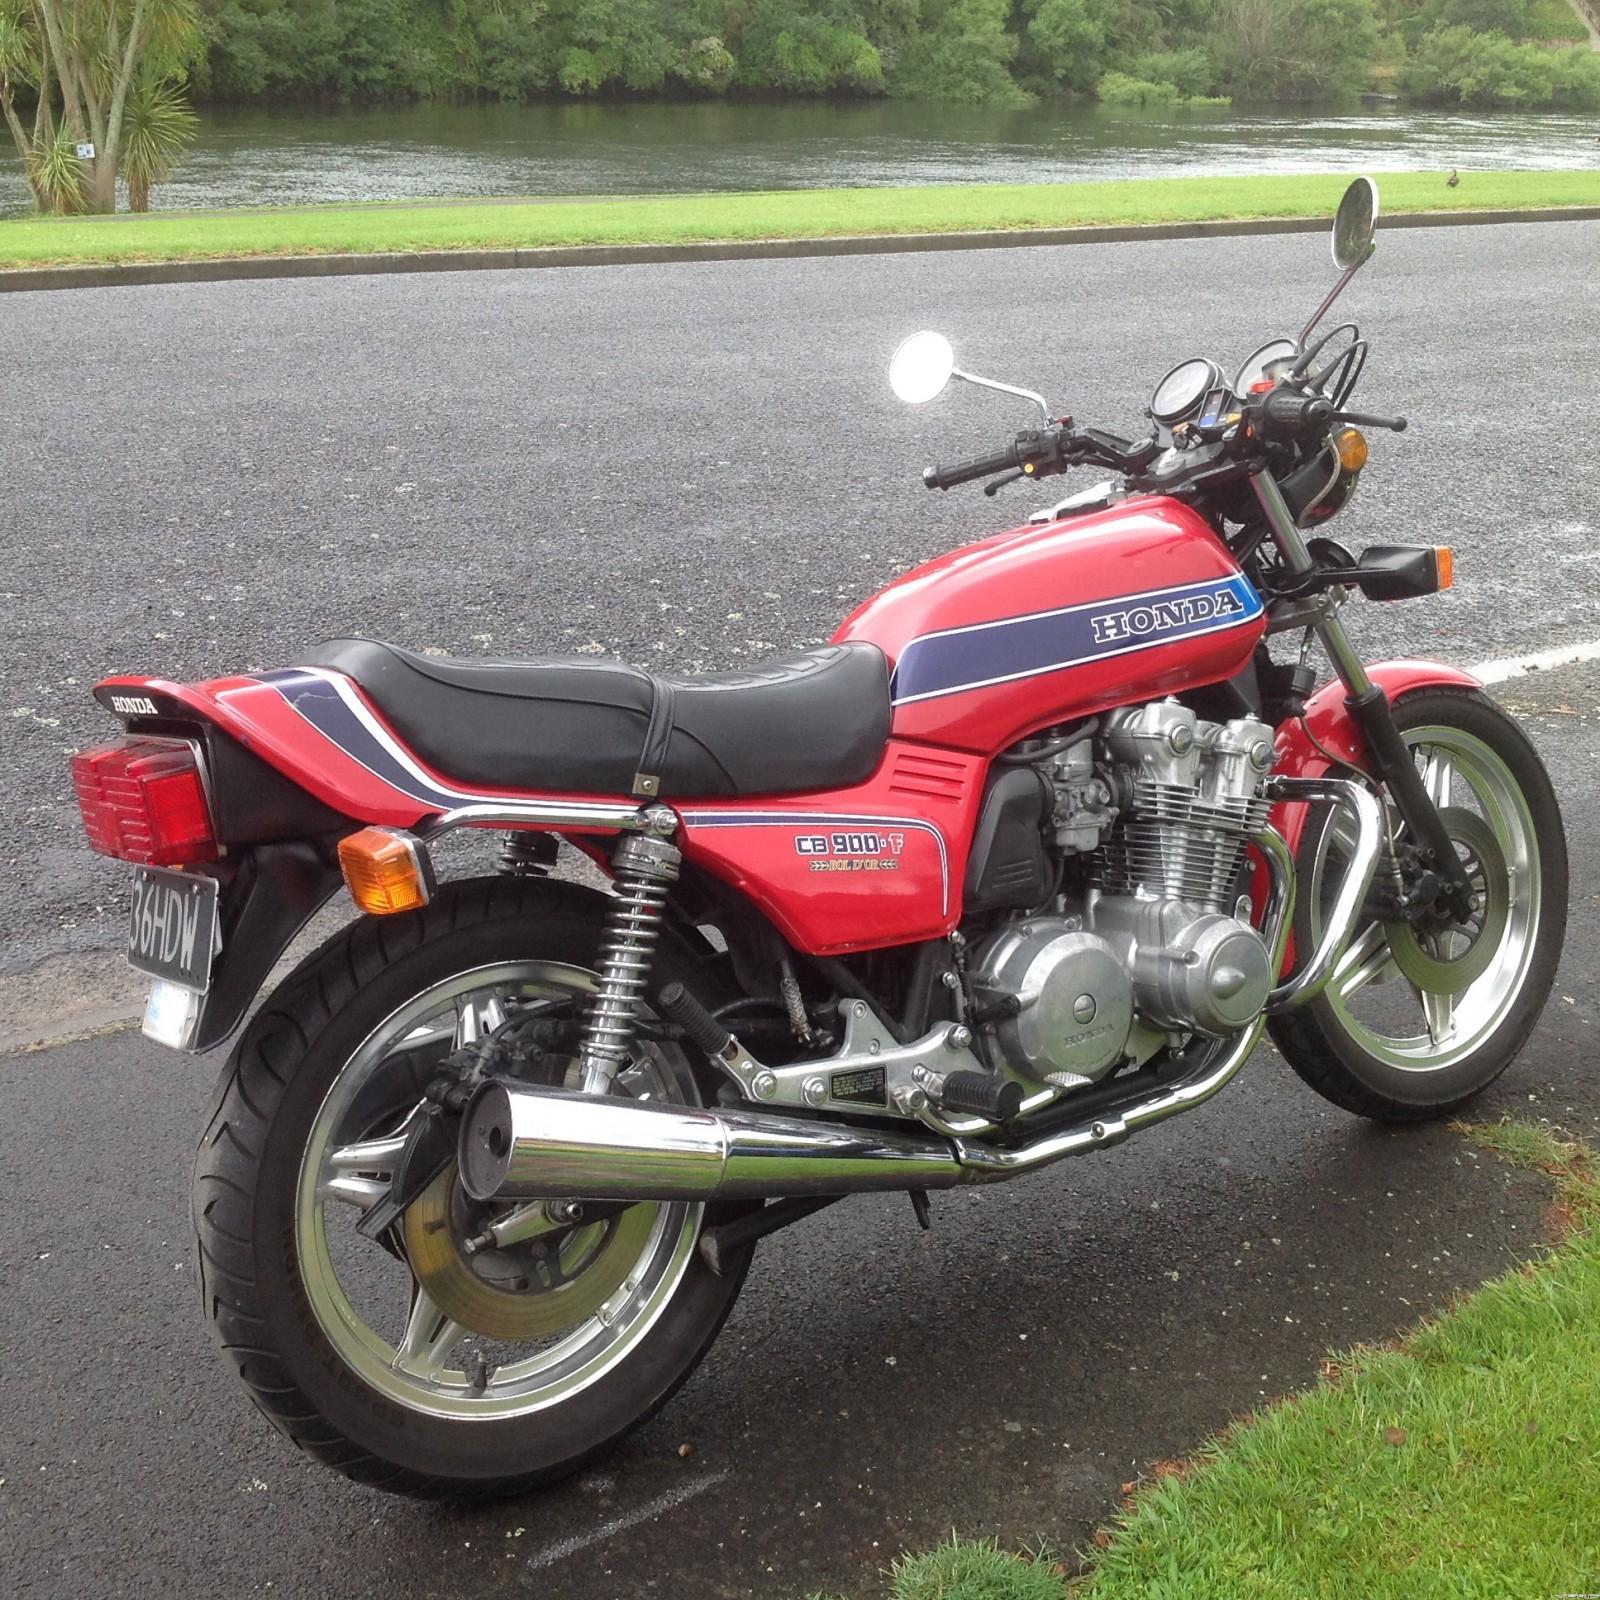 1979 Honda - bought sight unseen